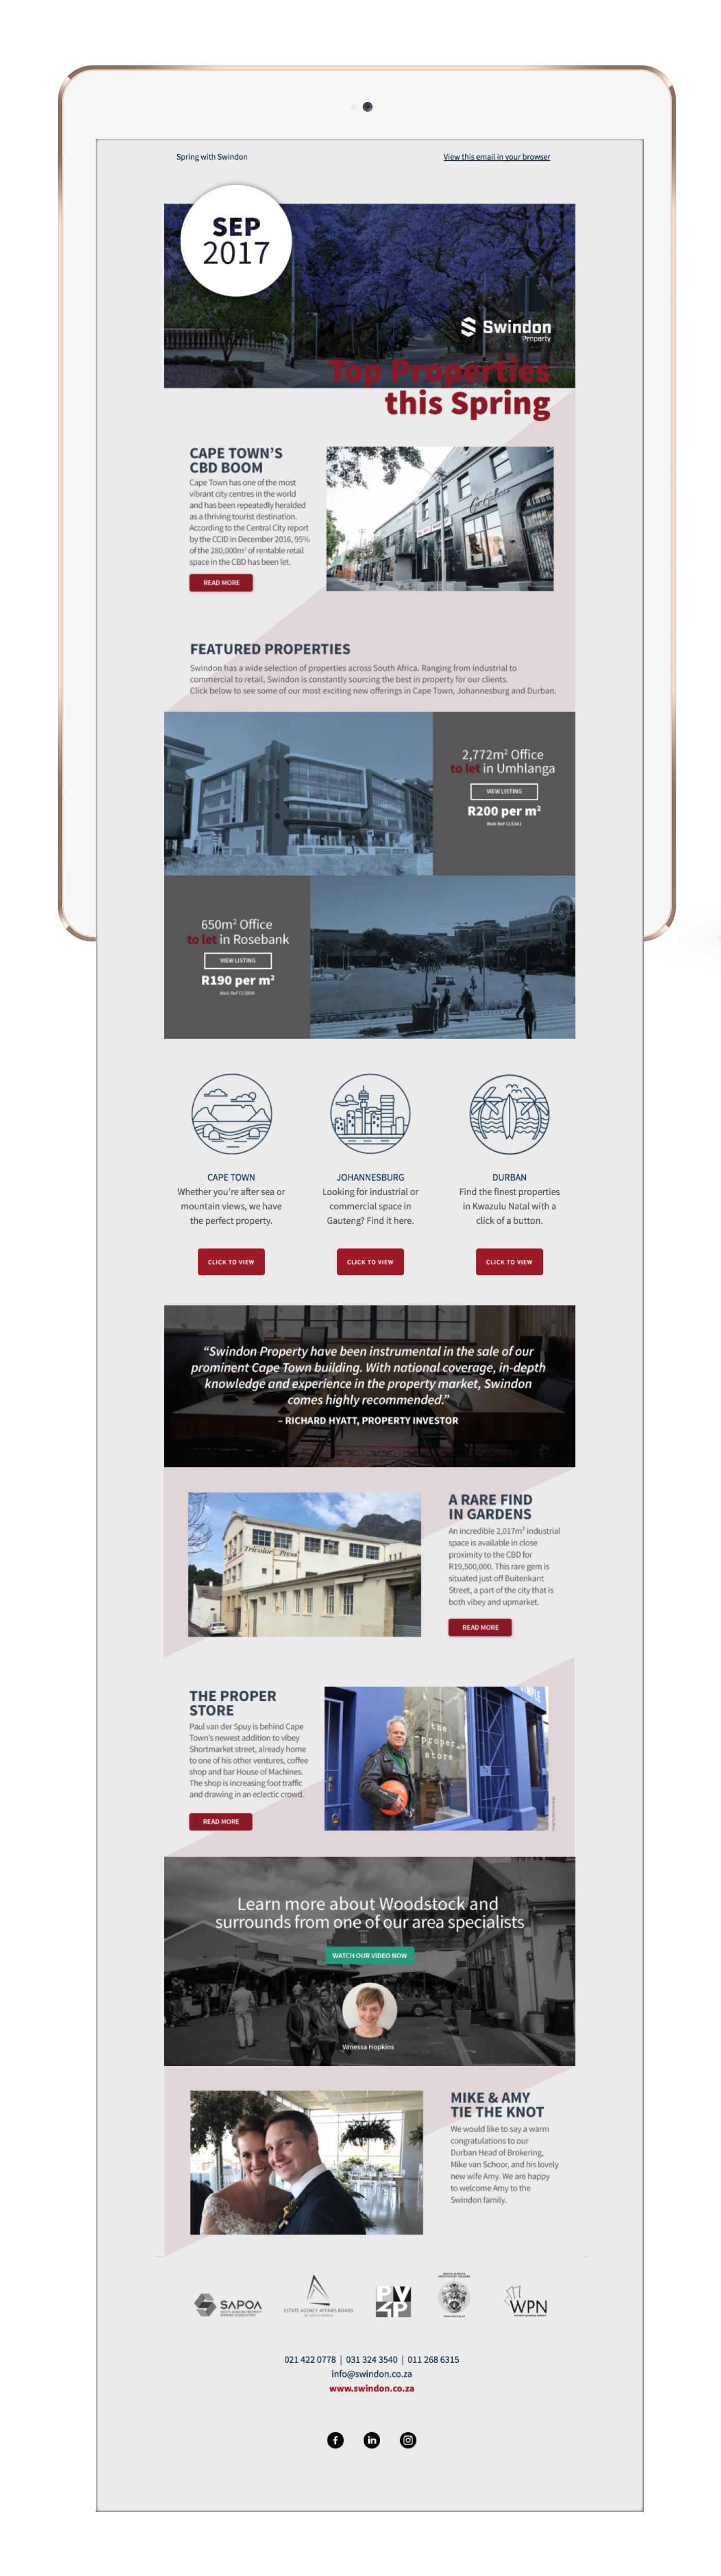 mailer design mailchimp graphic design  property mailer newsletter Spring Mailer